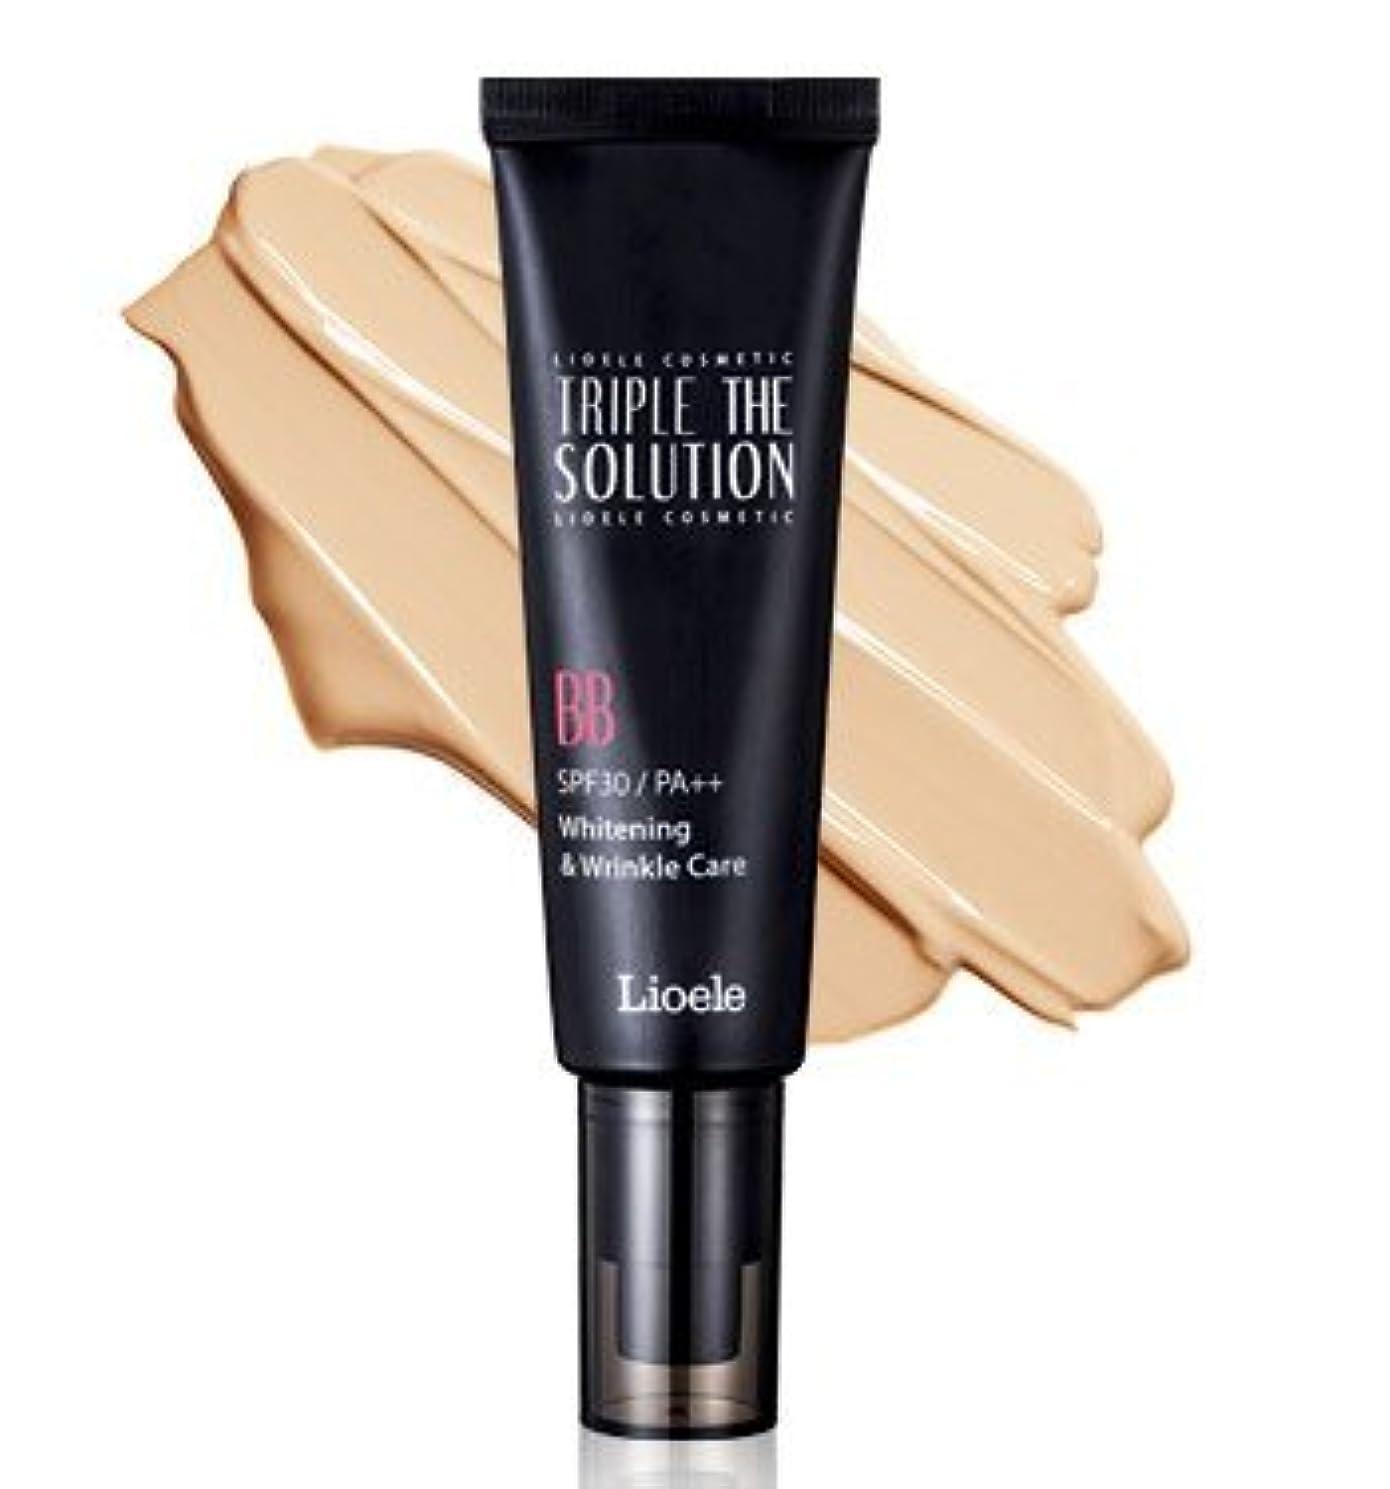 革新同意する舞い上がるリオエリ(Lioele) トリプル ザ ソルーション BBクリーム/Lioele Triple The Solution BB Cream [並行輸入品]